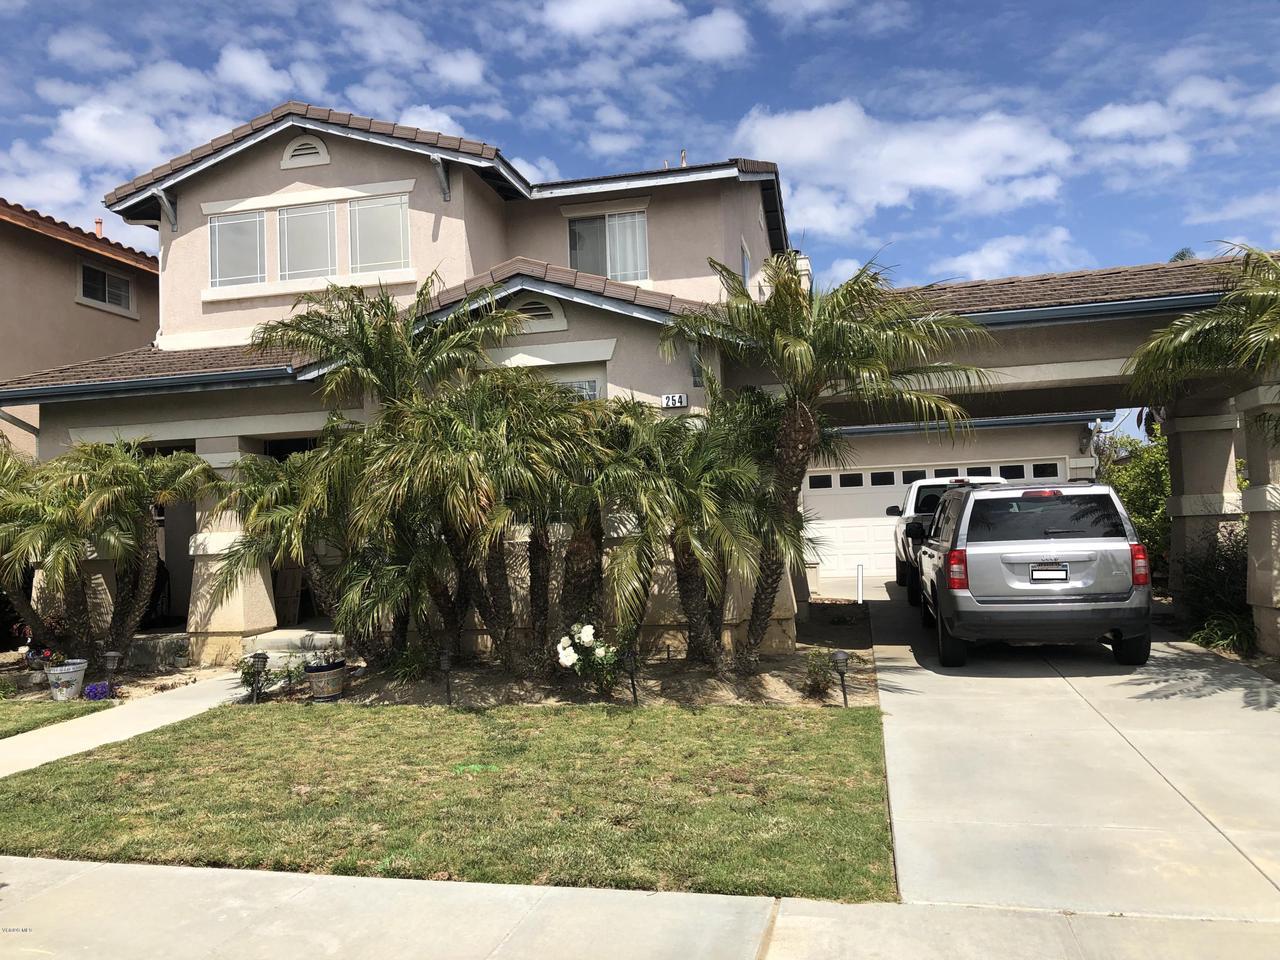 254 FORD AVENUE, Ventura, CA 93003